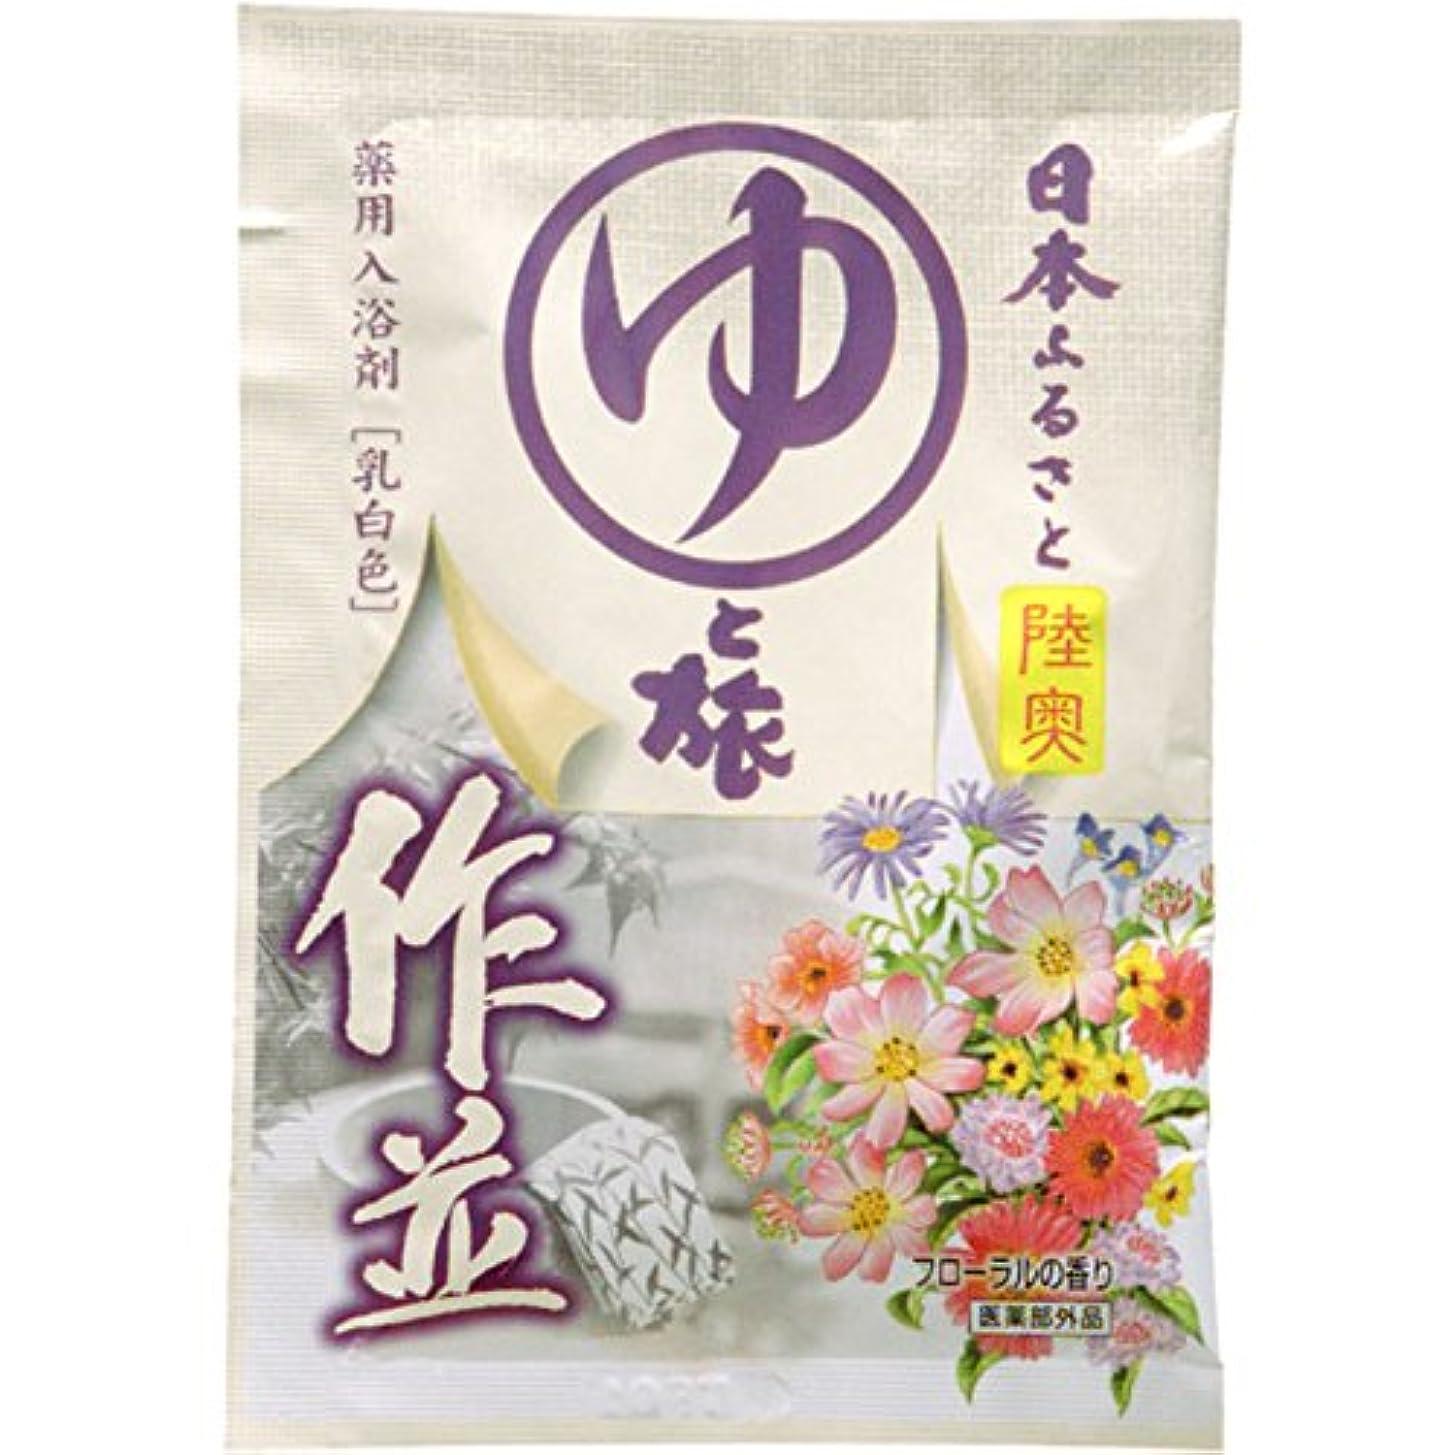 楽観的スーツケースシャベルヤマサキの入浴剤シリーズ 作並(入浴剤)